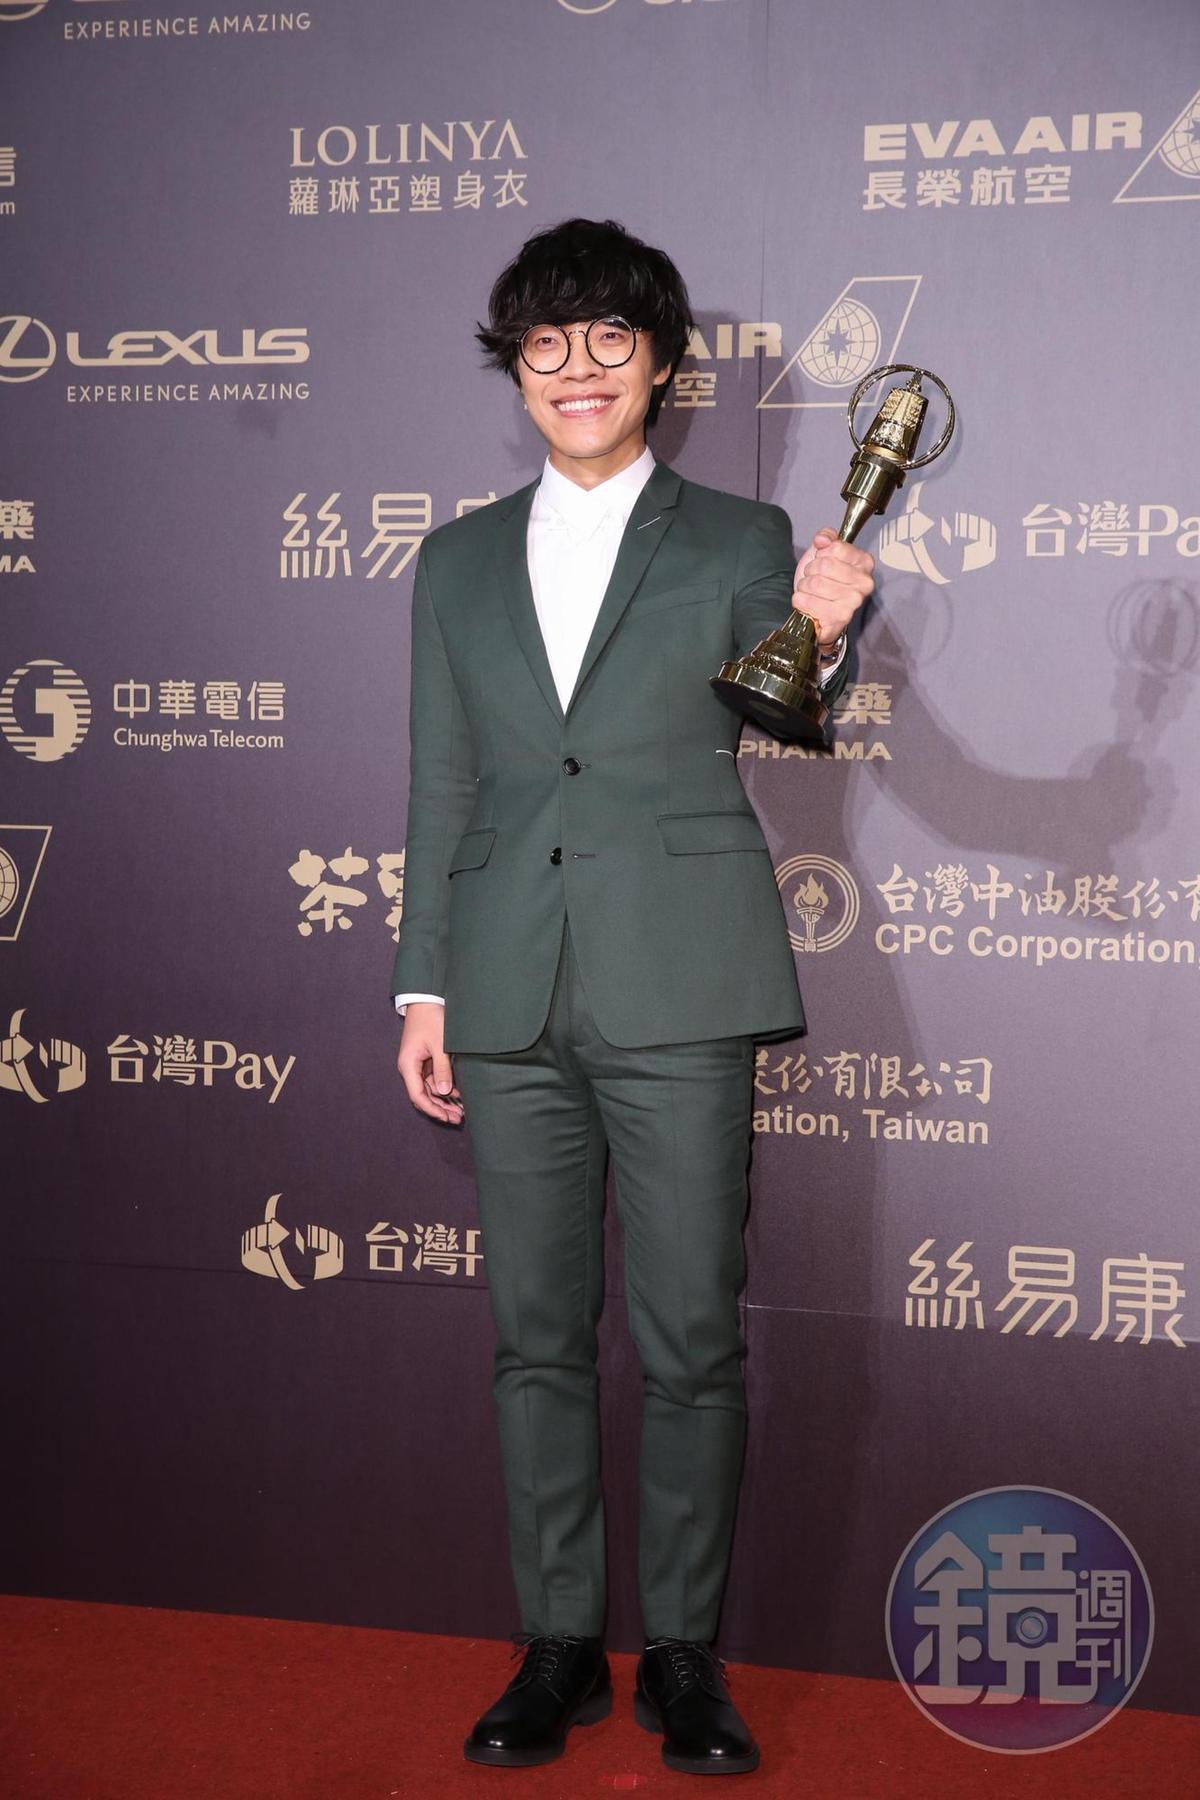 戲劇評審團對於盧廣仲的表現給予極高肯定。